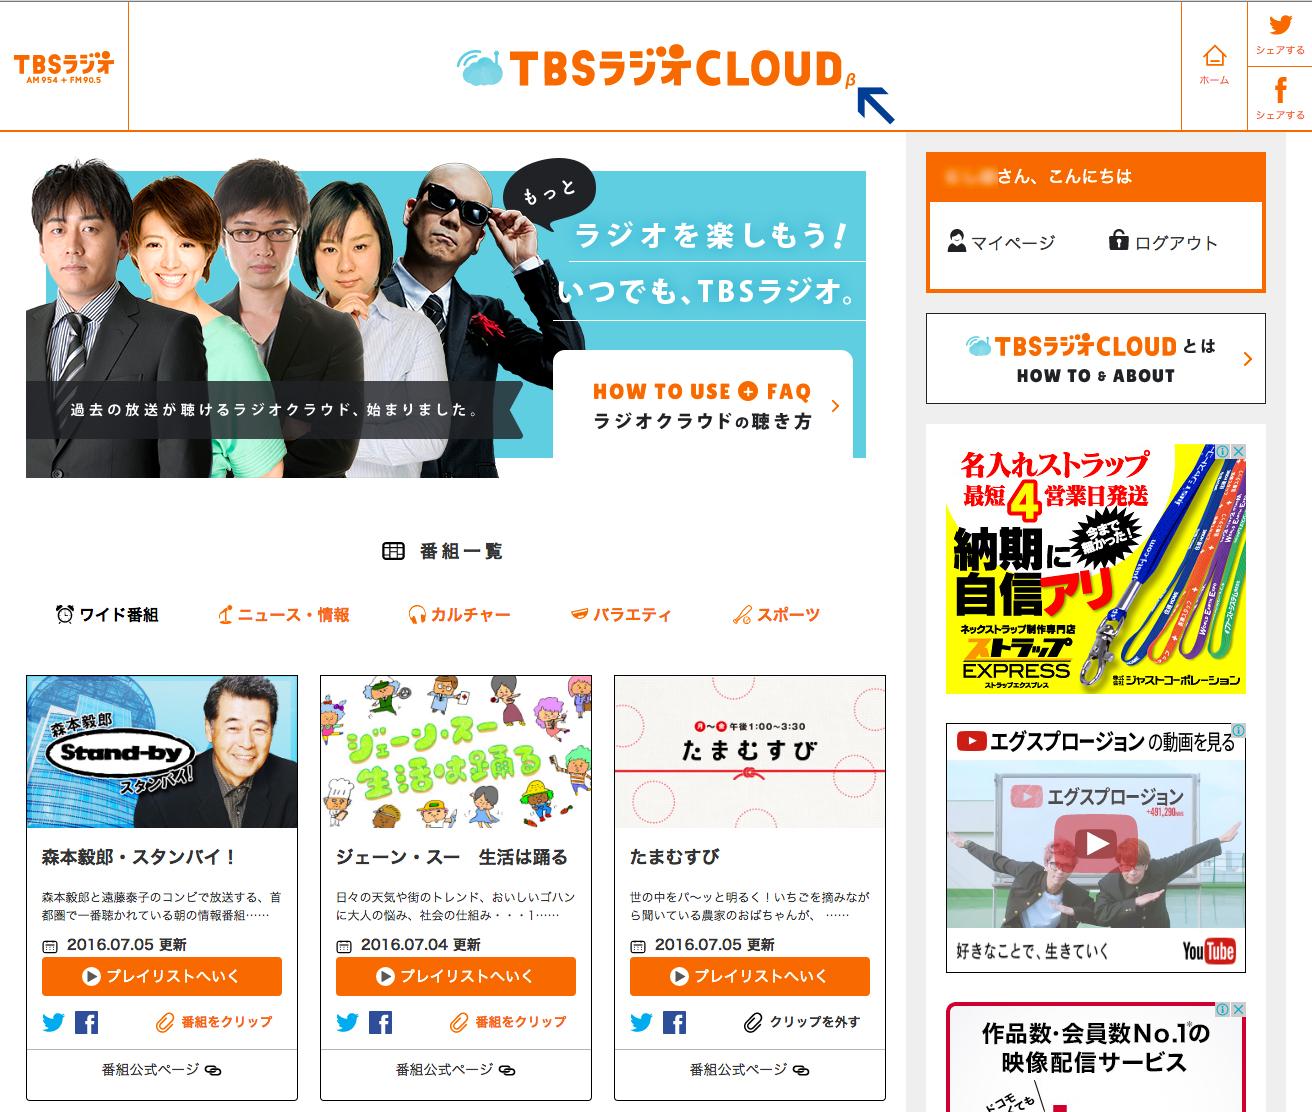 TBSラジオクラウド トップページ